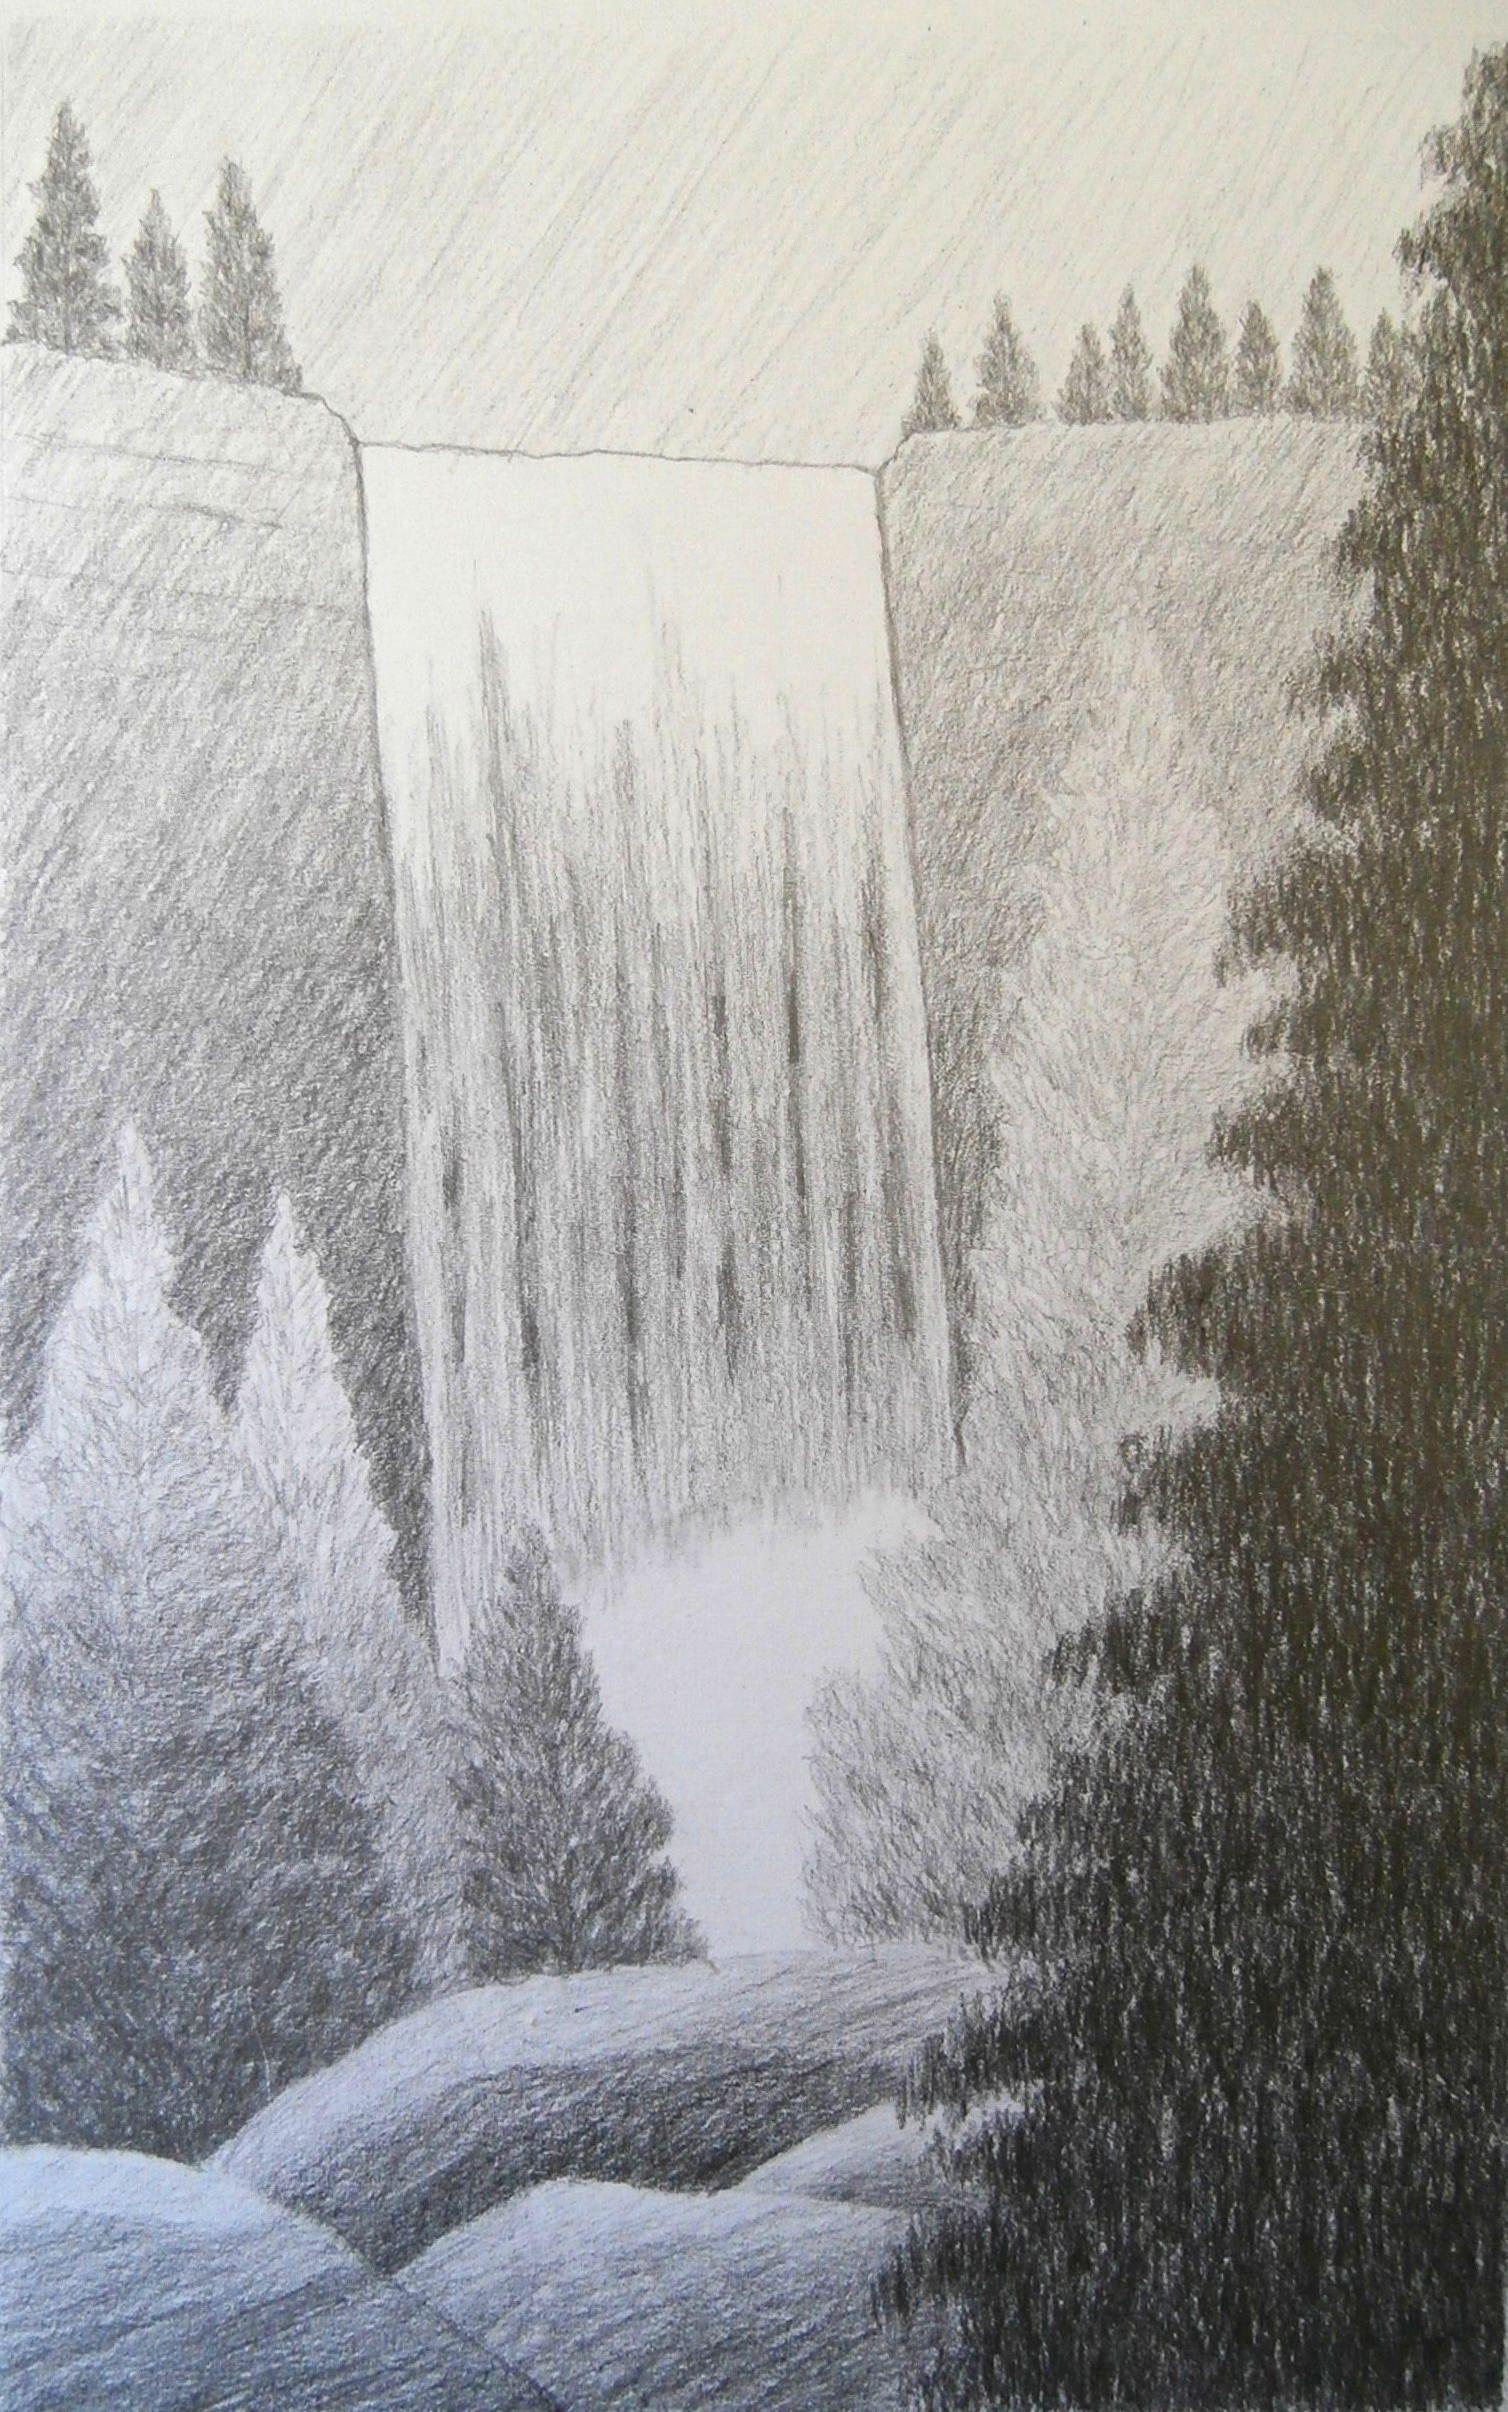 768959fe139405cee4af01b23c8bd0b1 » Realistic Pencil Waterfall